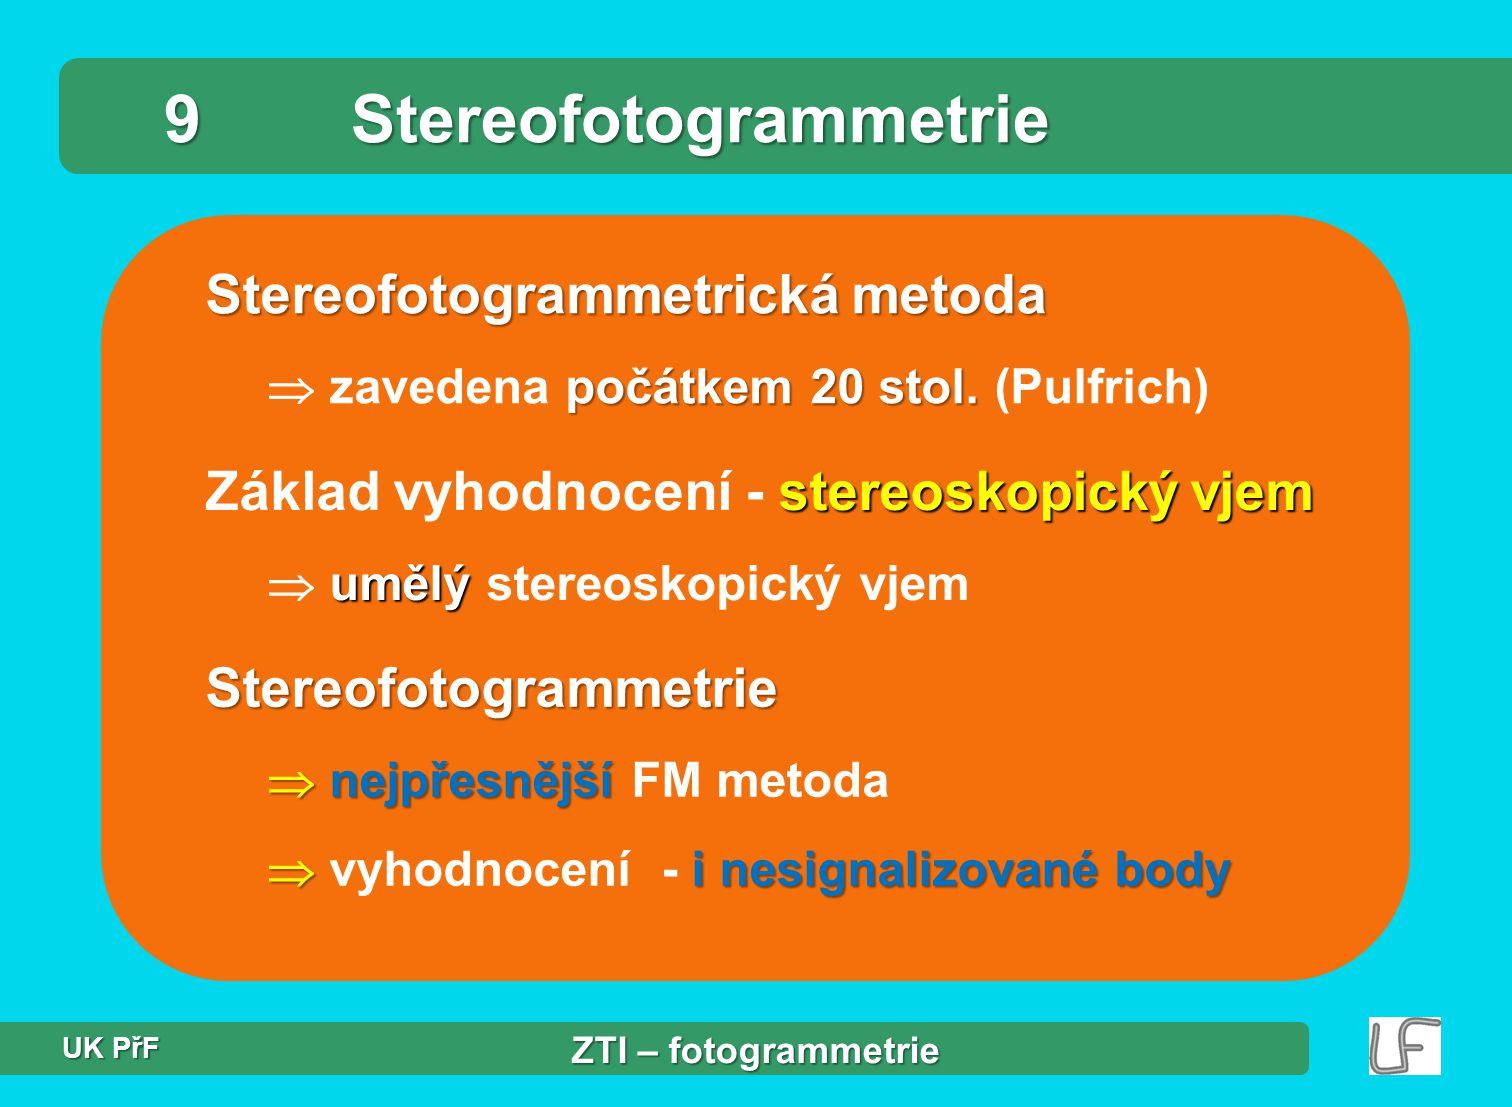 Návaznost,, Fotogrammetrické metody Průseková metoda nejstarší metoda, obroda Jednosnímková fotogrammetrie jednoduchost, rovinné území Digitální ortofoto přesnost, podklady - DMT ZTI – fotogrammetrie UK PřF